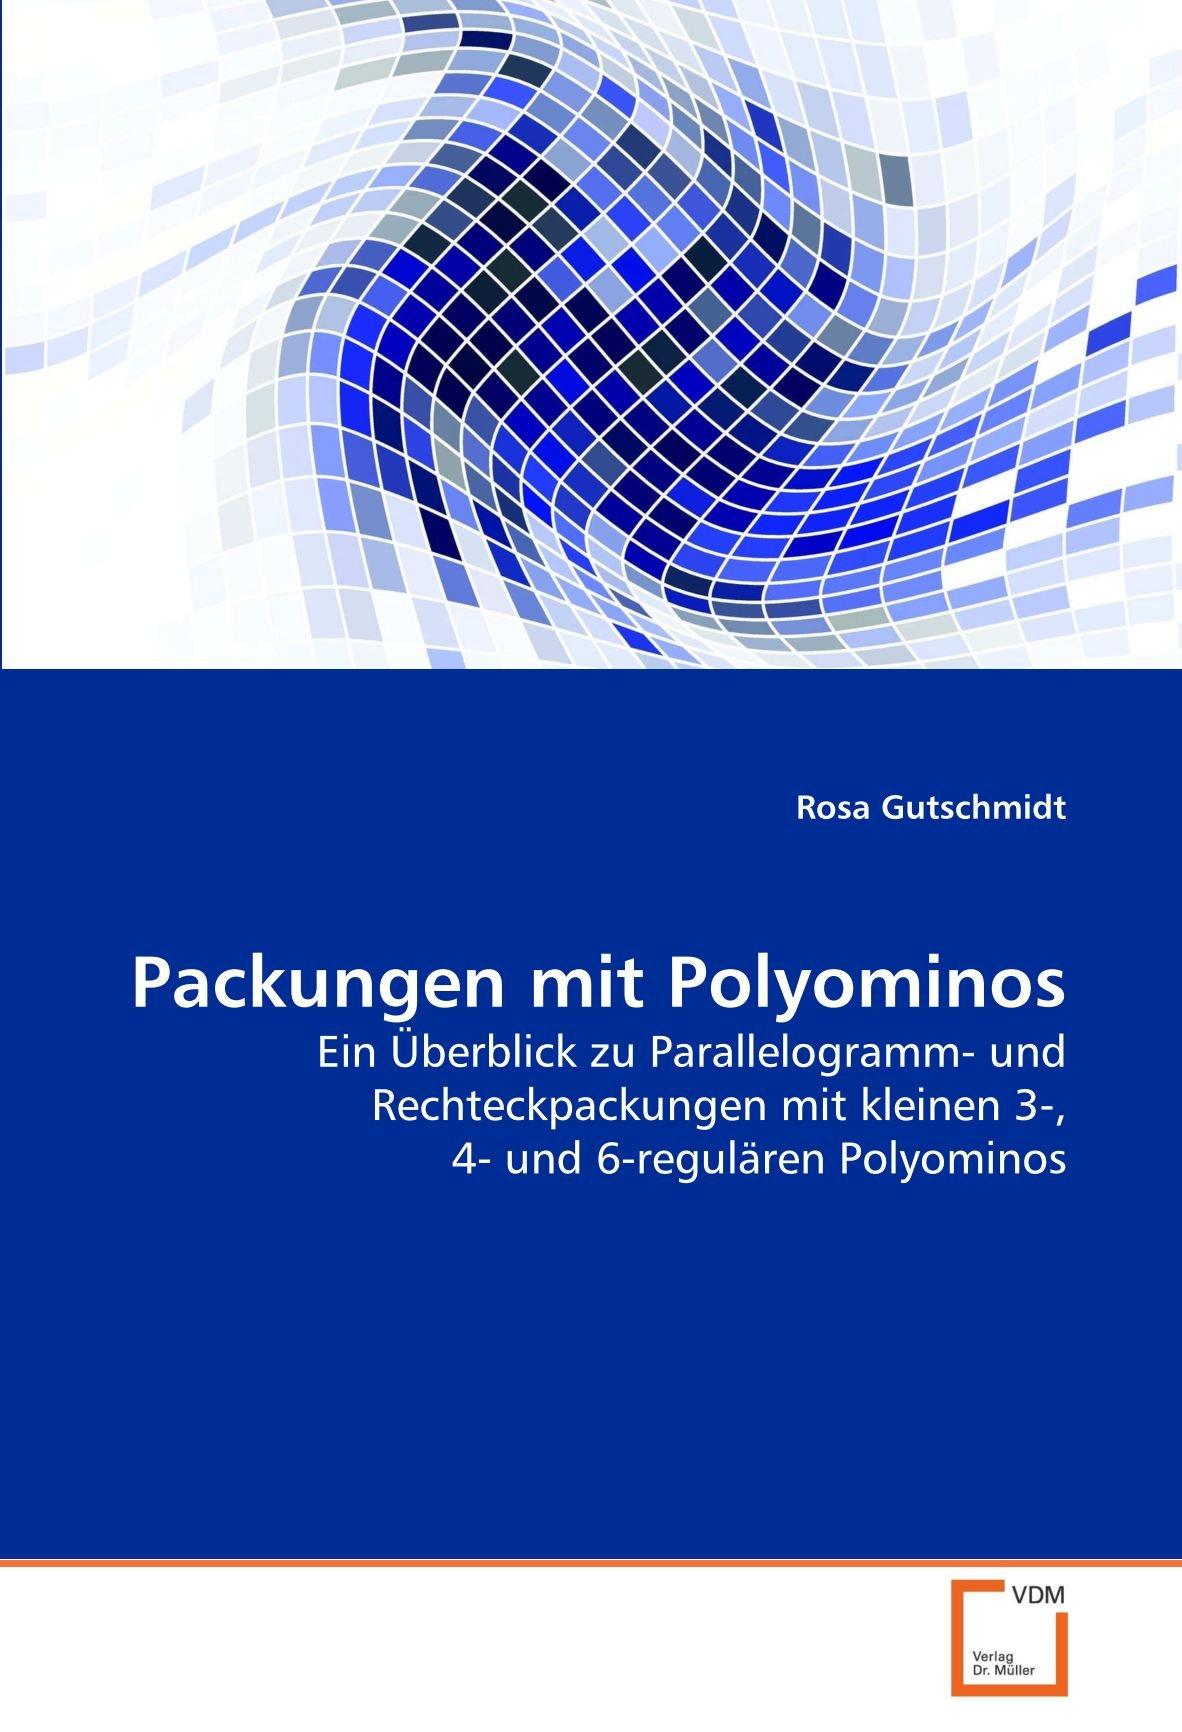 Download Packungen mit Polyominos: Ein Überblick zu Parallelogramm- und Rechteckpackungen mit kleinen 3-, 4- und 6-regulären Polyominos (German Edition) pdf epub